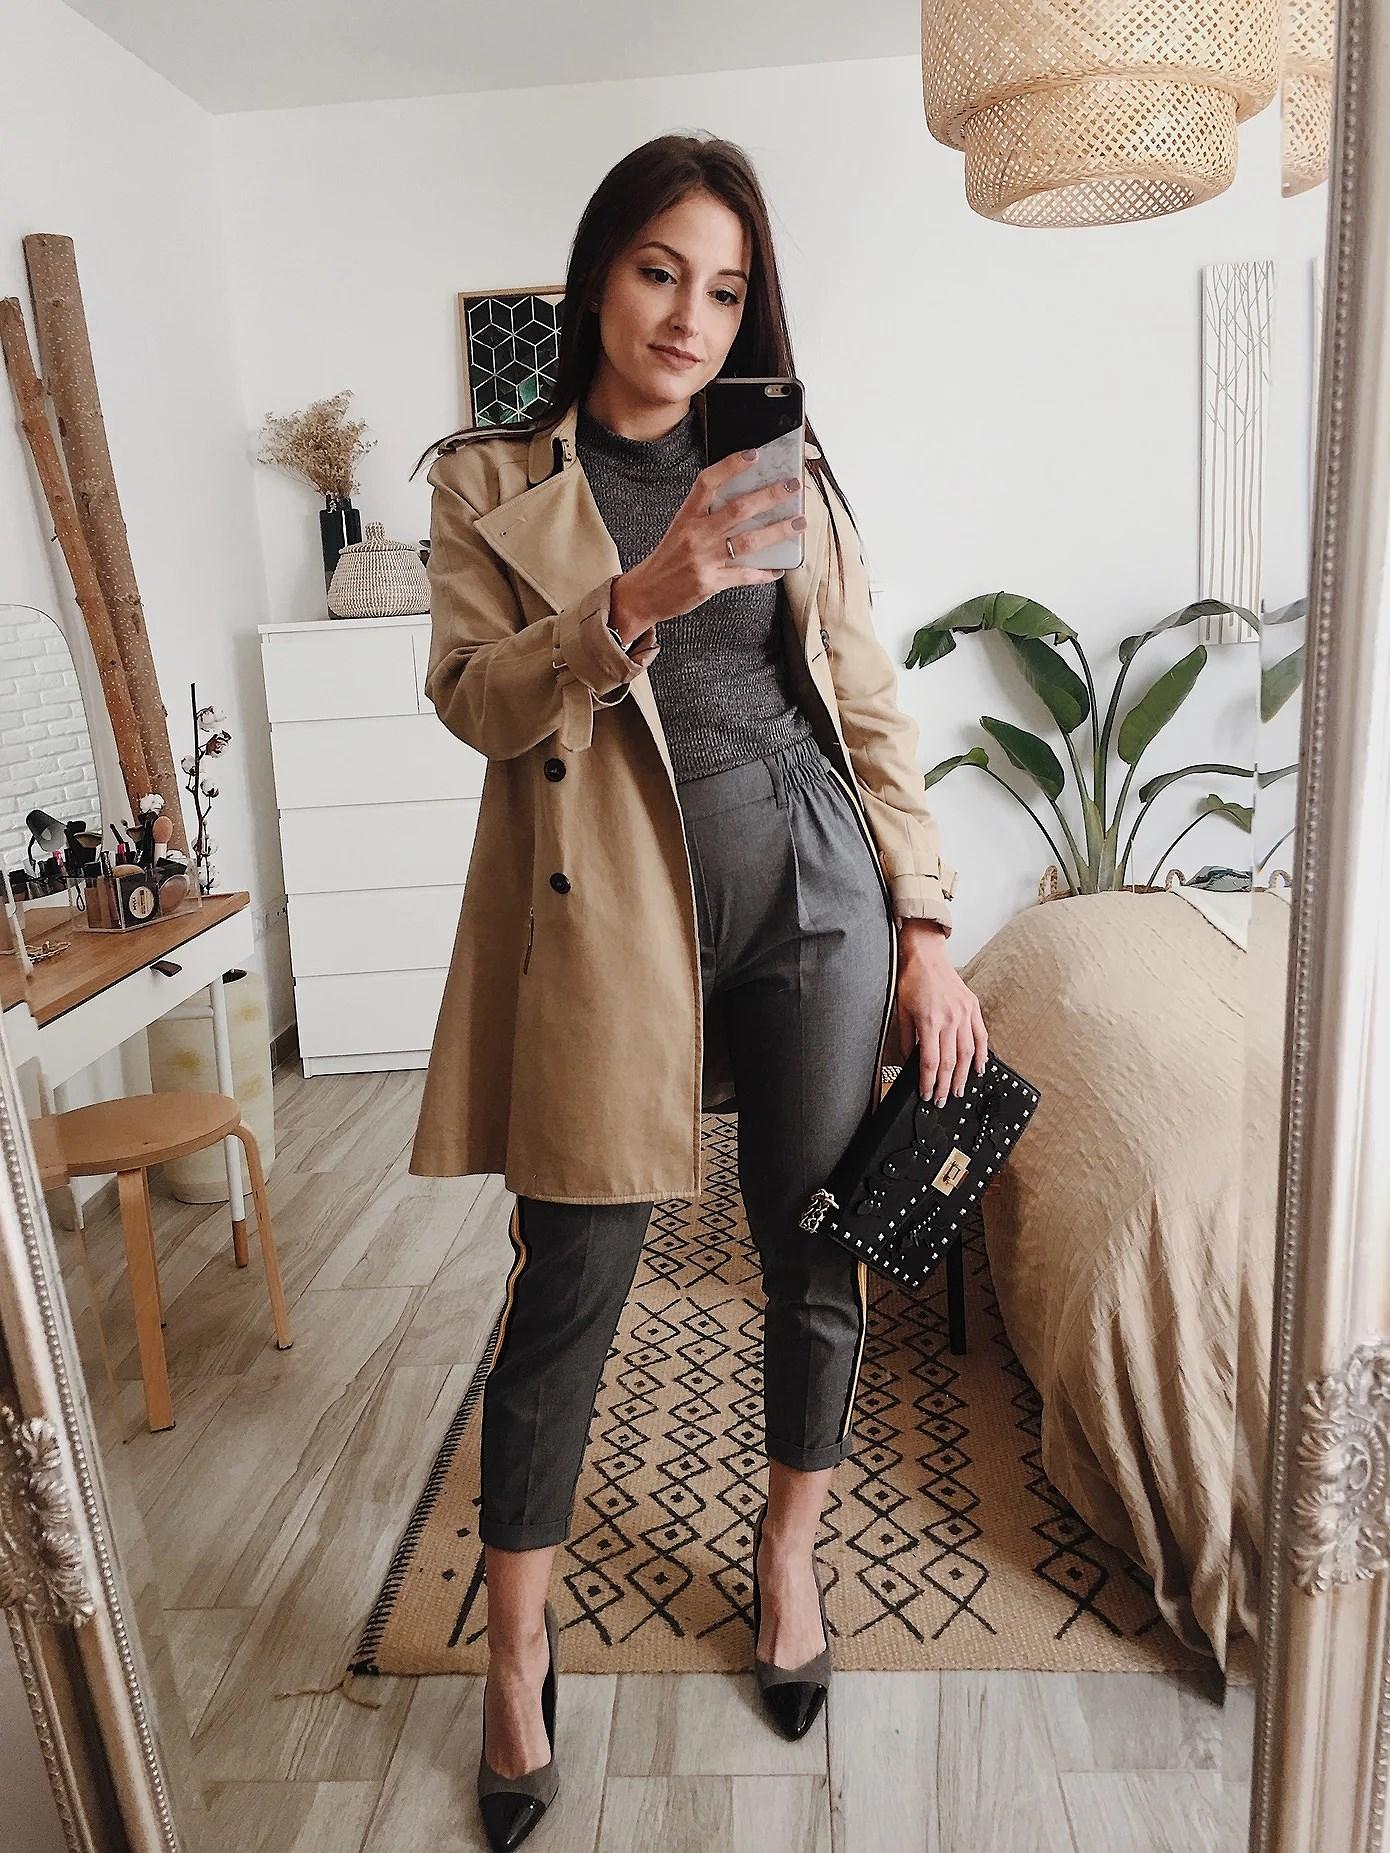 5 DÍAS 5 LOOKS: Top y pantalón en gris